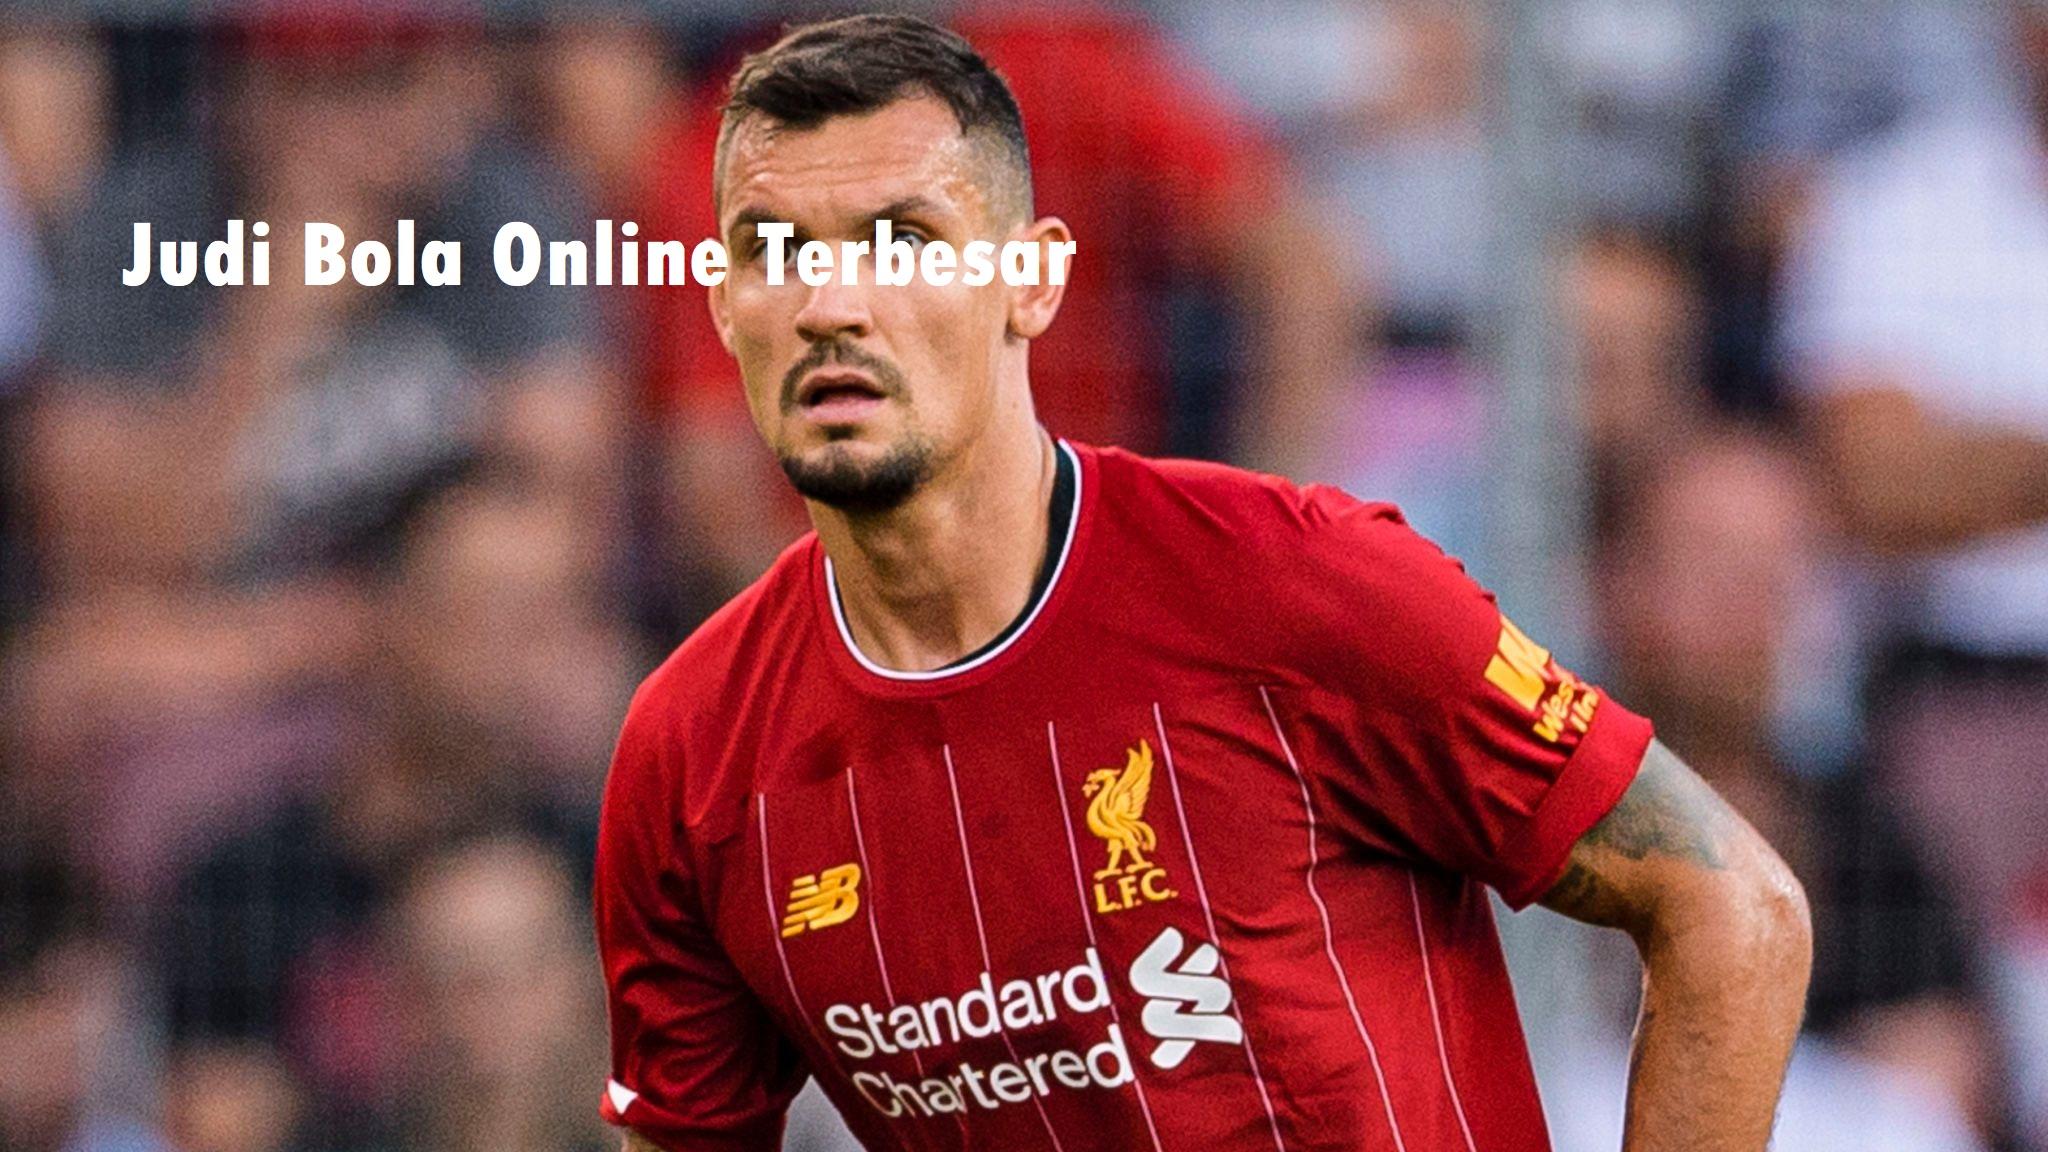 Judi Bola Online Terbesar